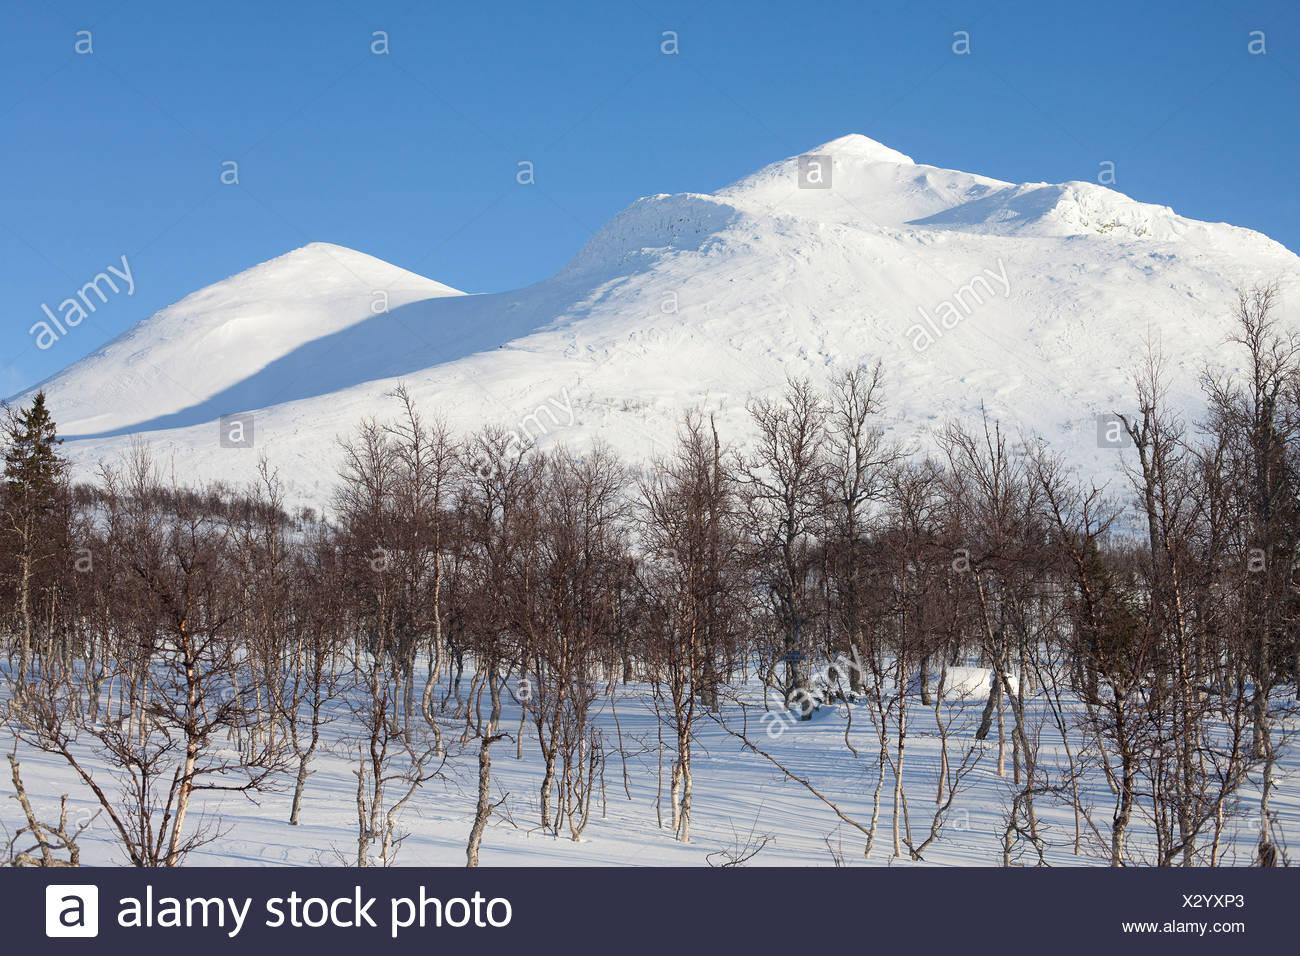 Verschneite Berggipfel gegen den blauen Himmel mit kahlen Bäumen im Vordergrund Stockbild